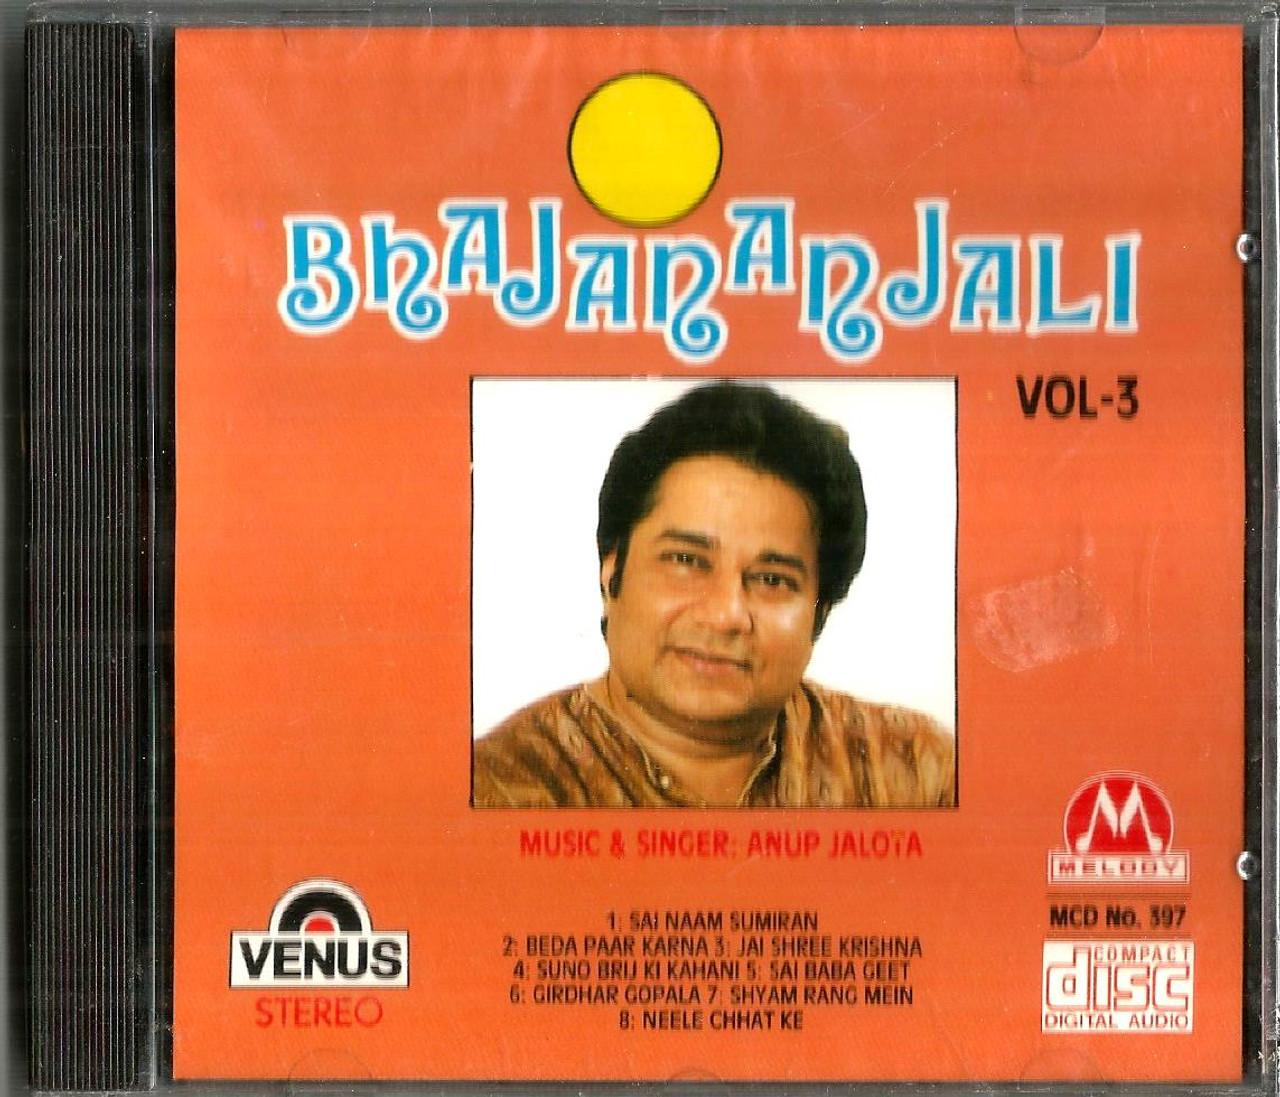 bhajananjali vol 1